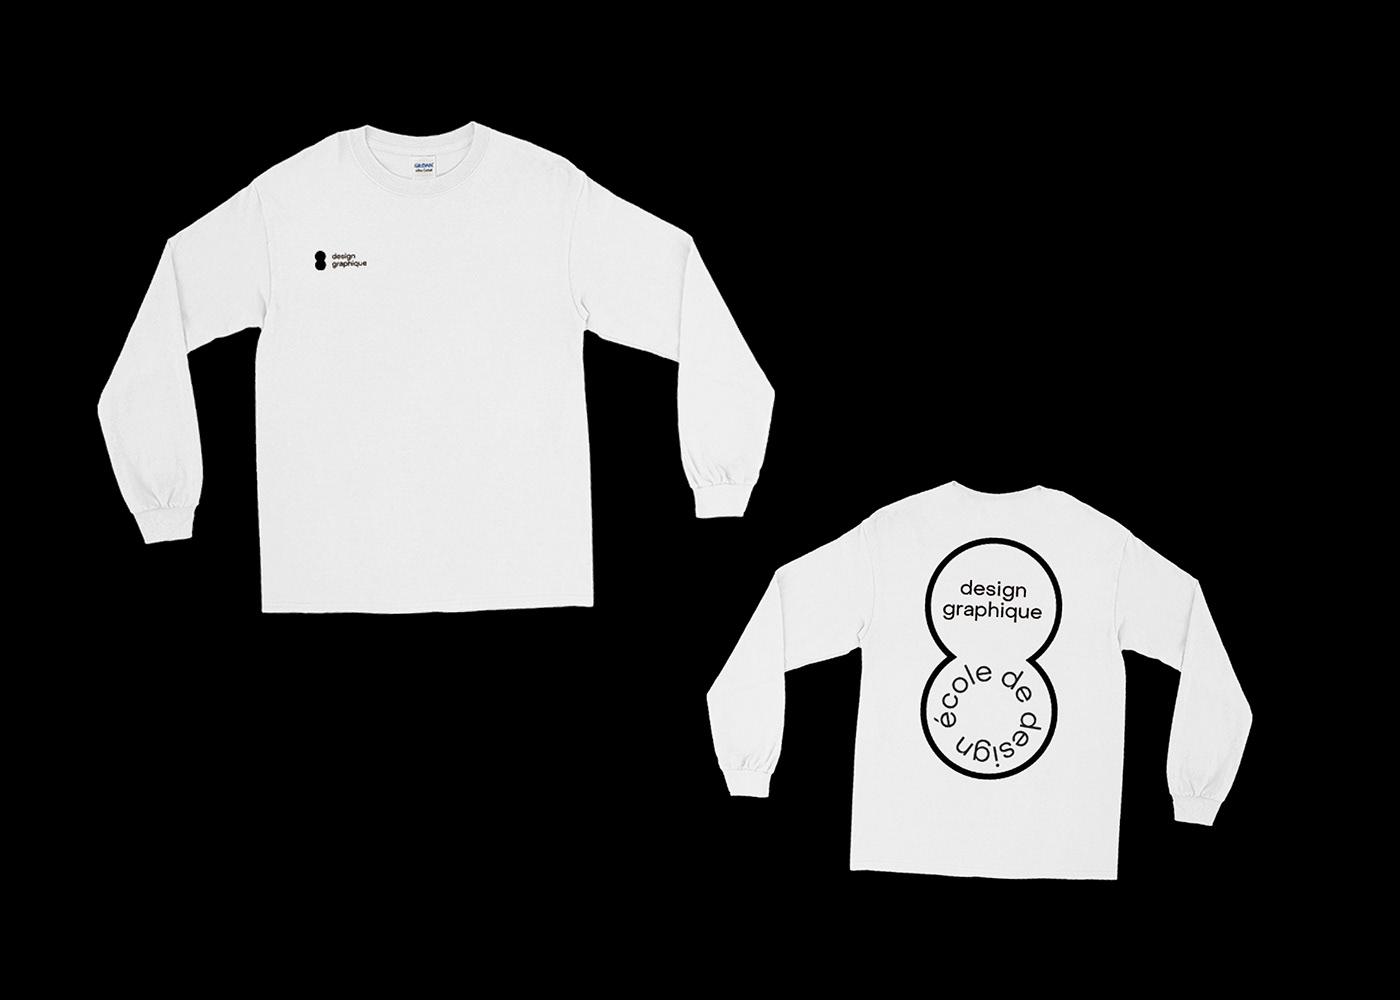 Image may contain: shirt, cartoon and active shirt